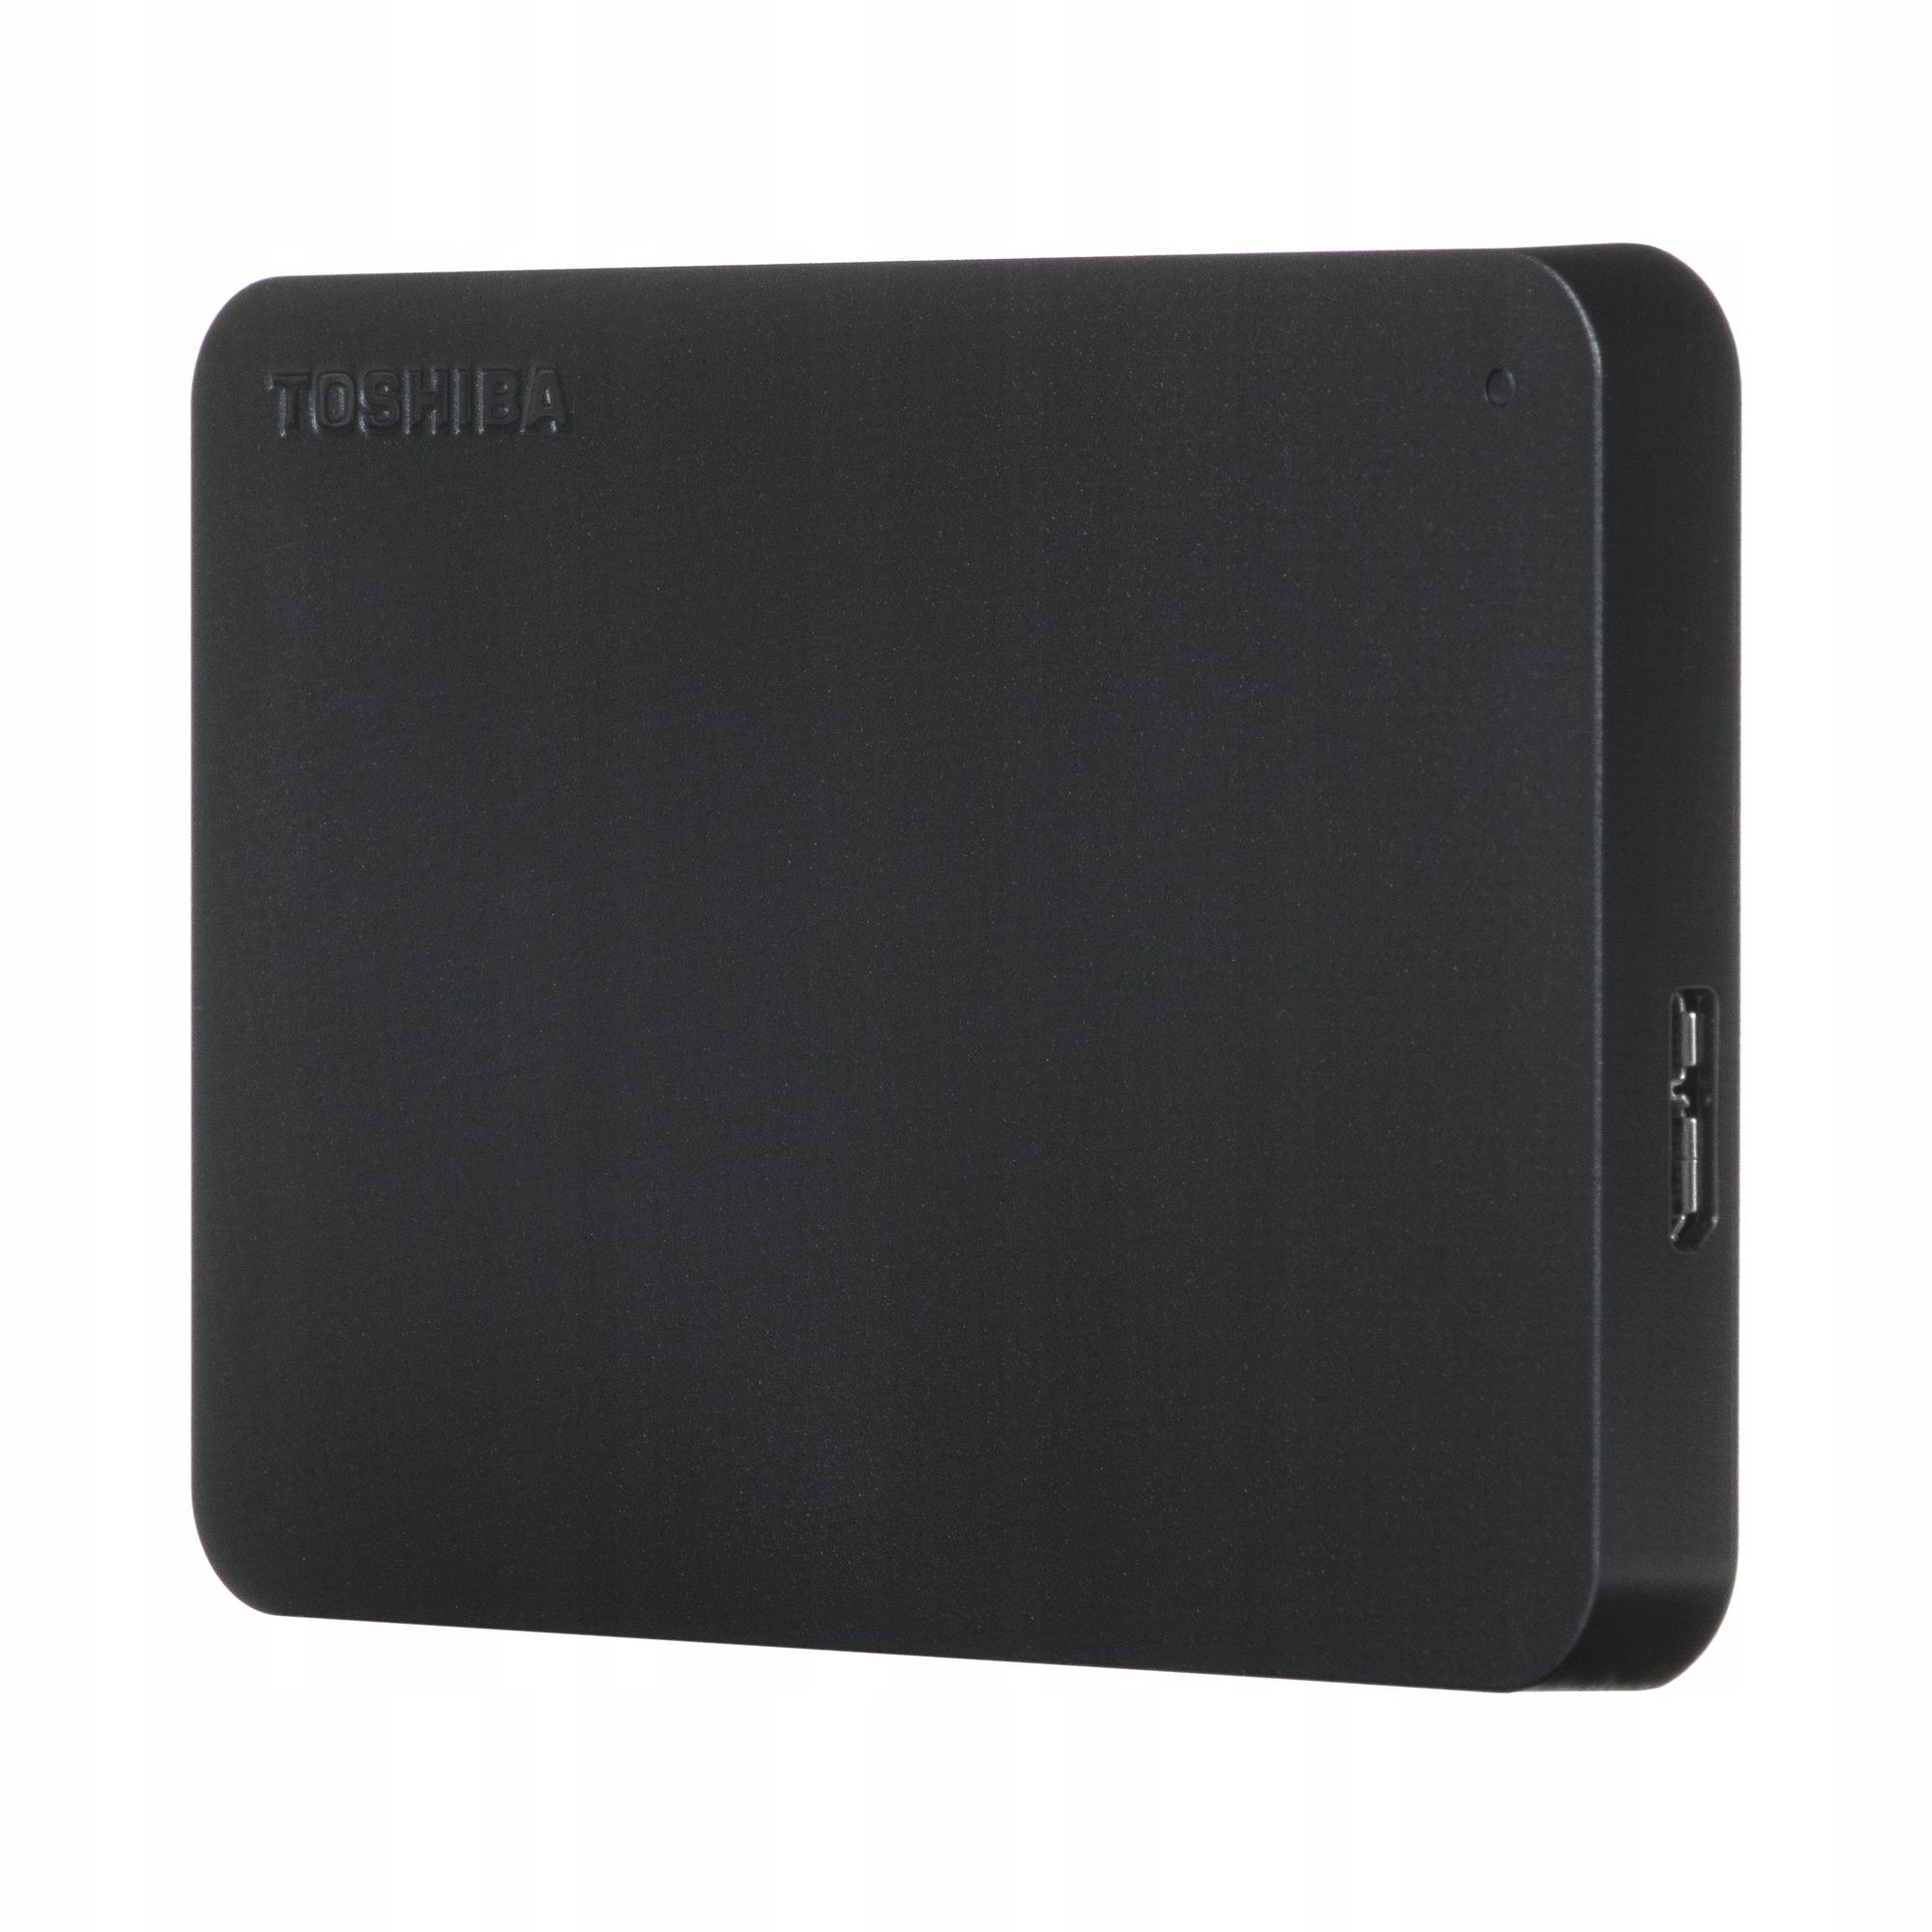 Toshiba-Canvio-Basics-new-1-T-.jpg